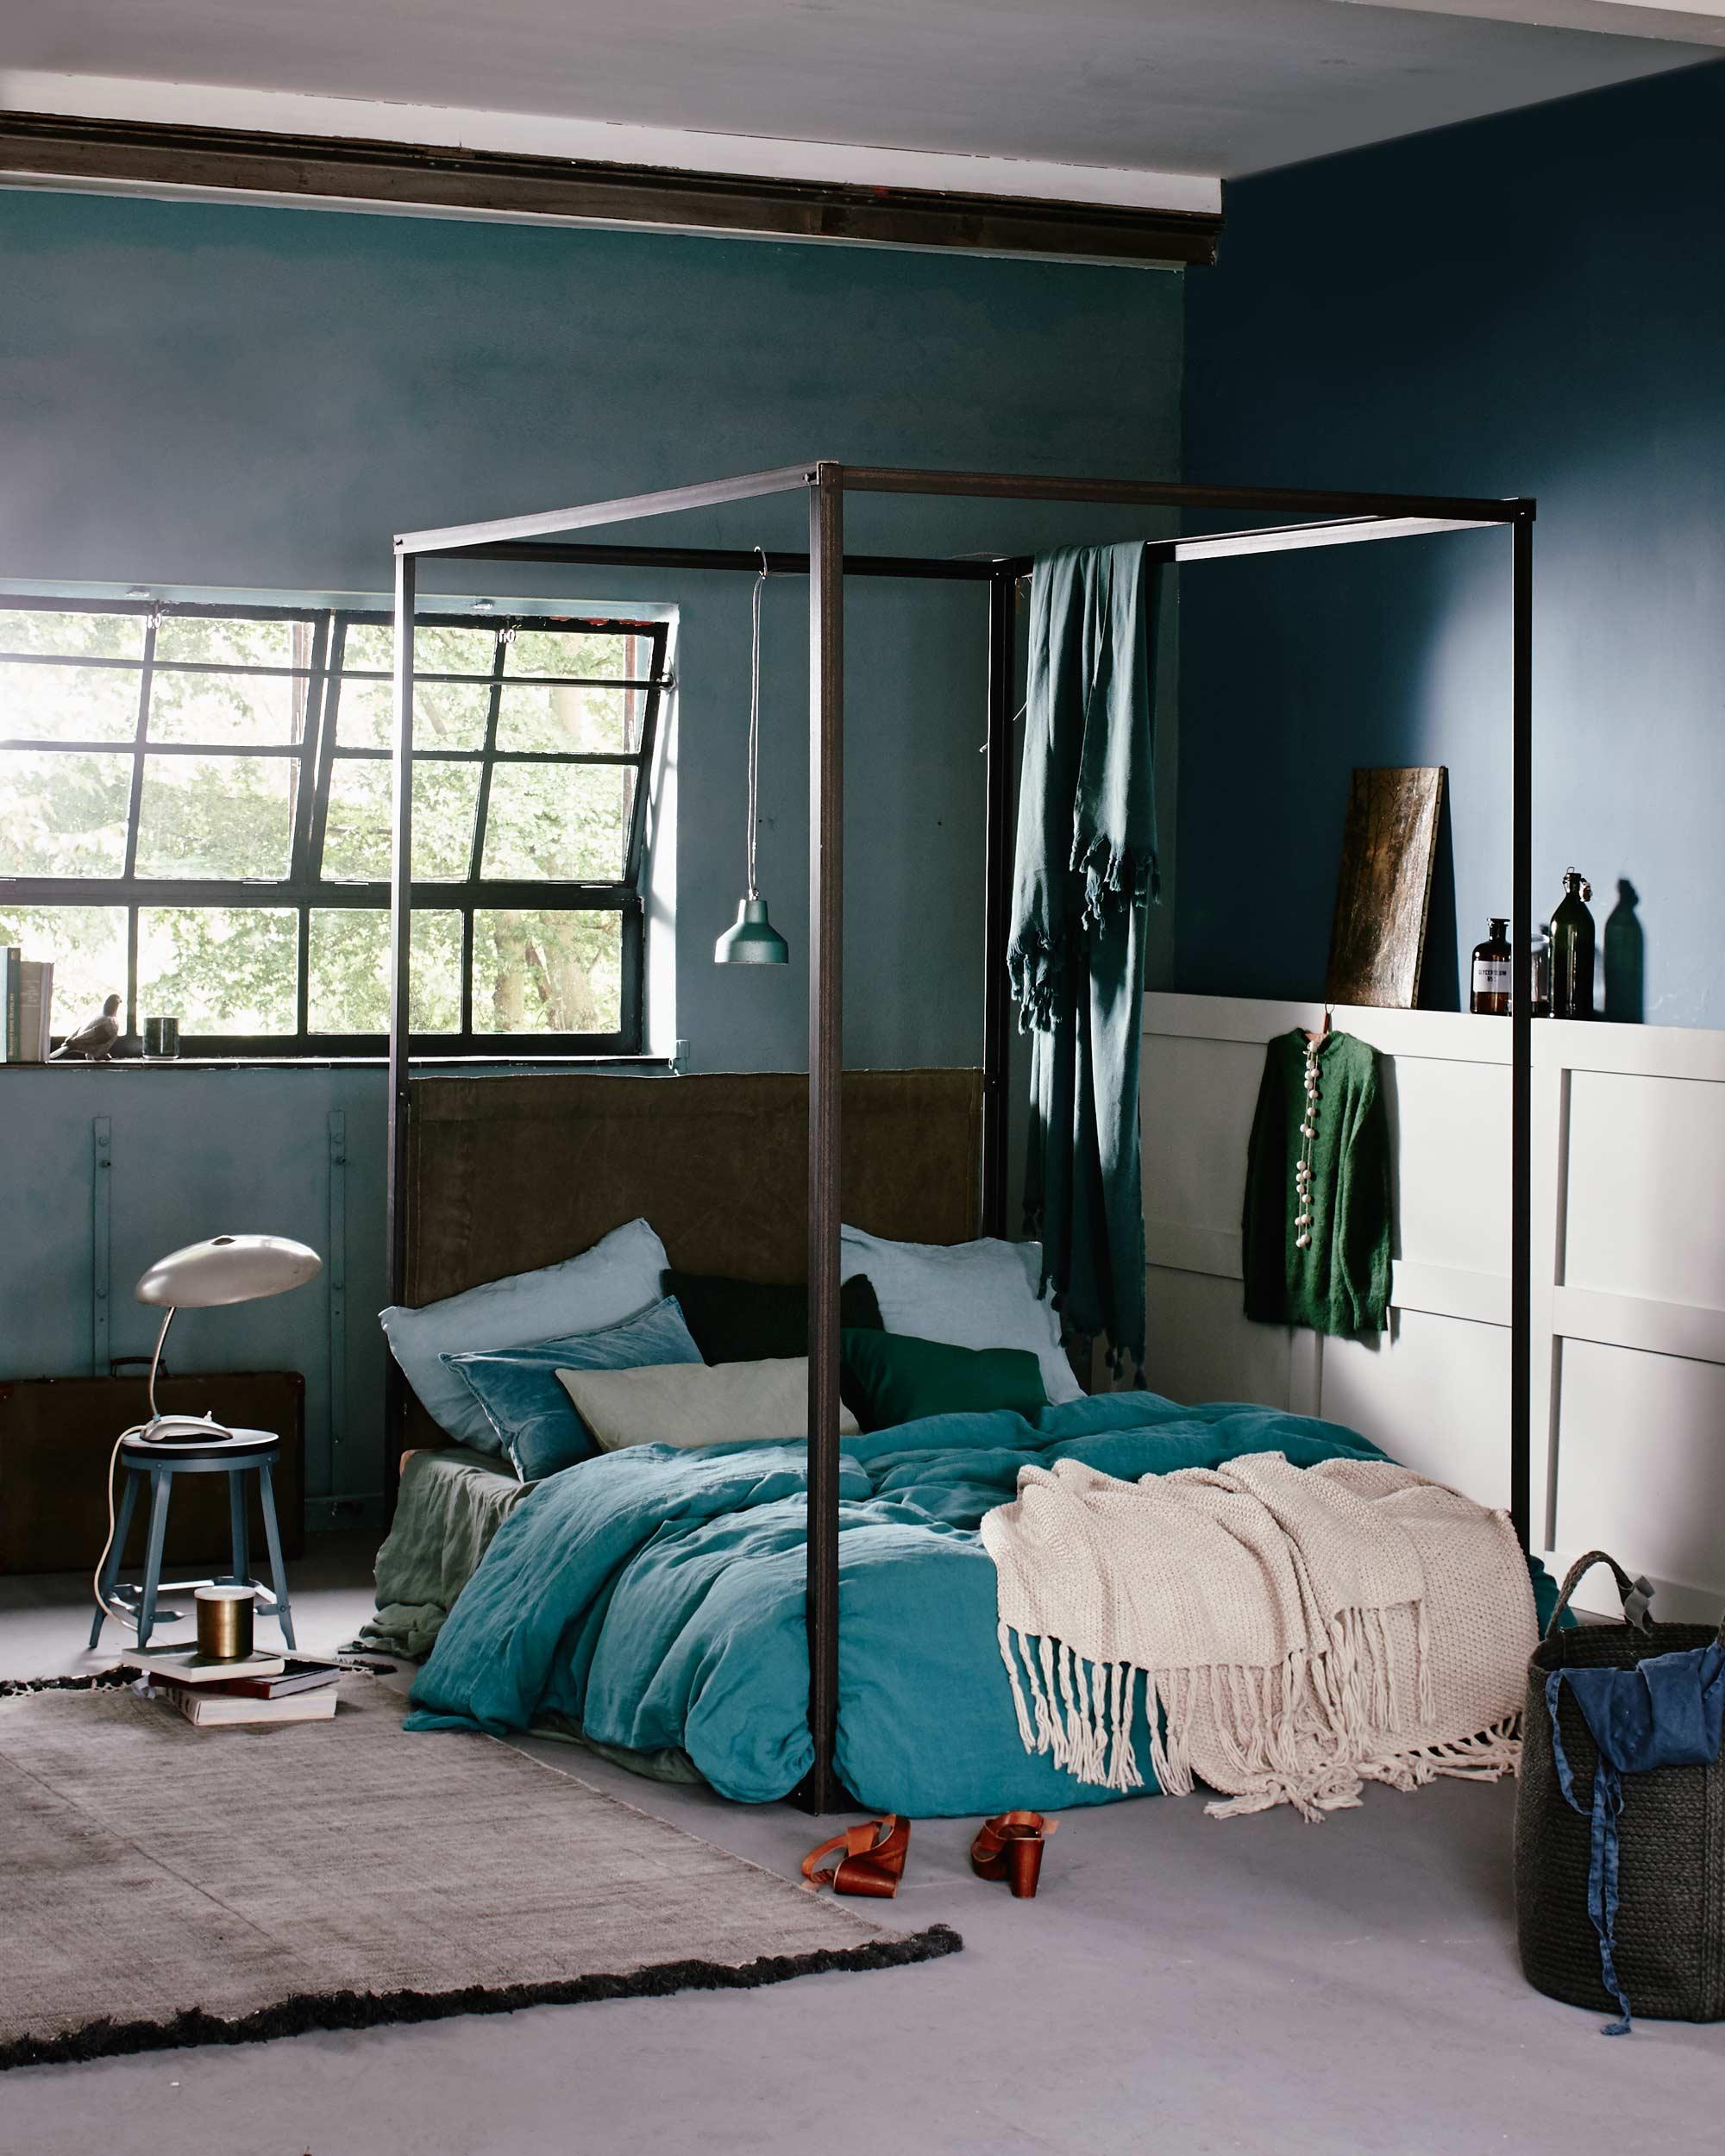 groene slaapkamer kruk nachtkastje